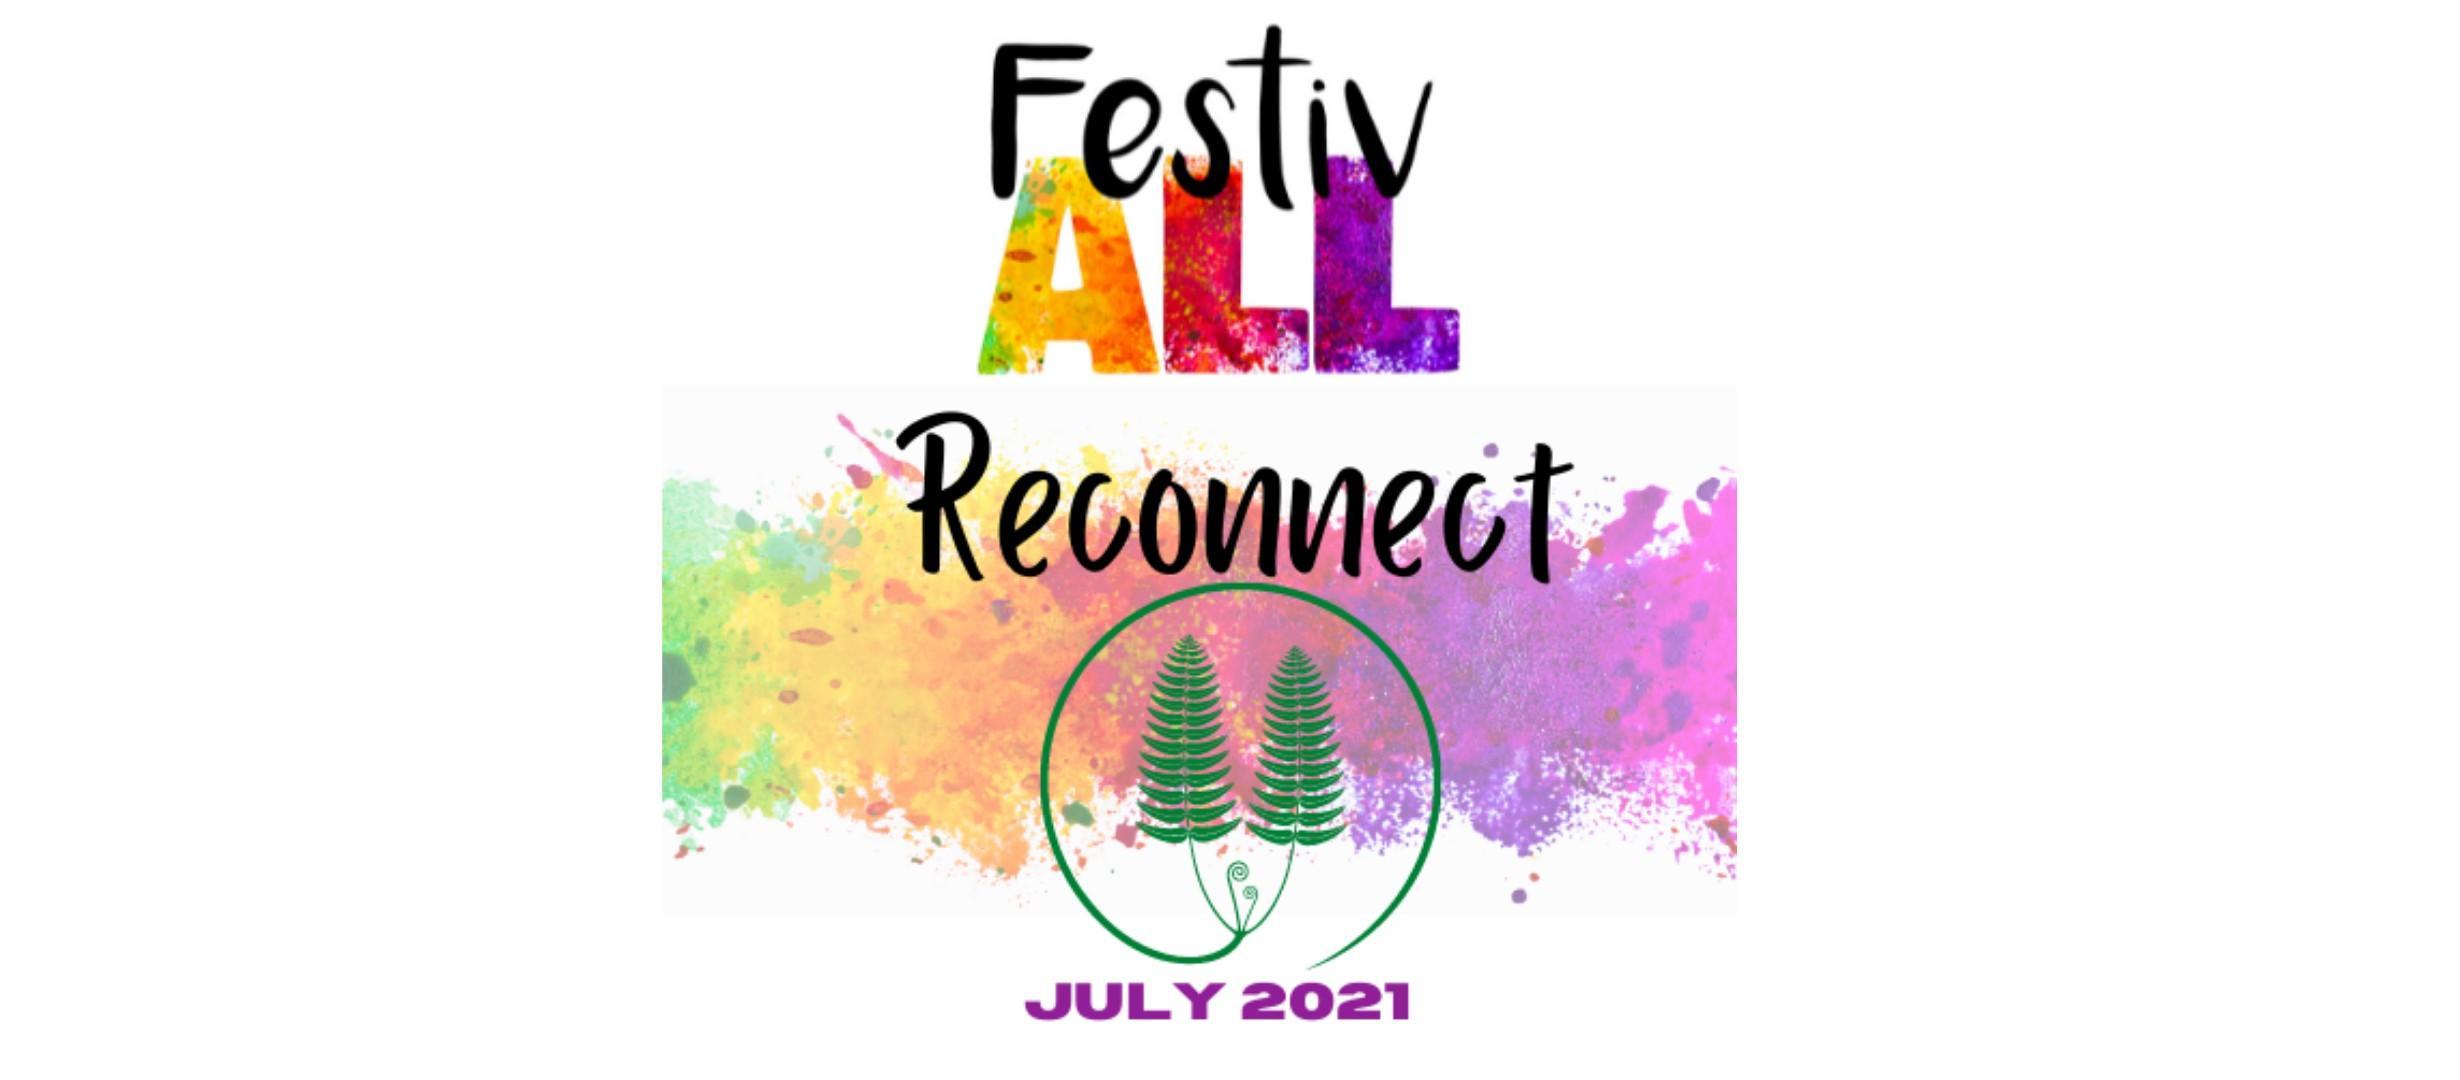 banner for Festivall